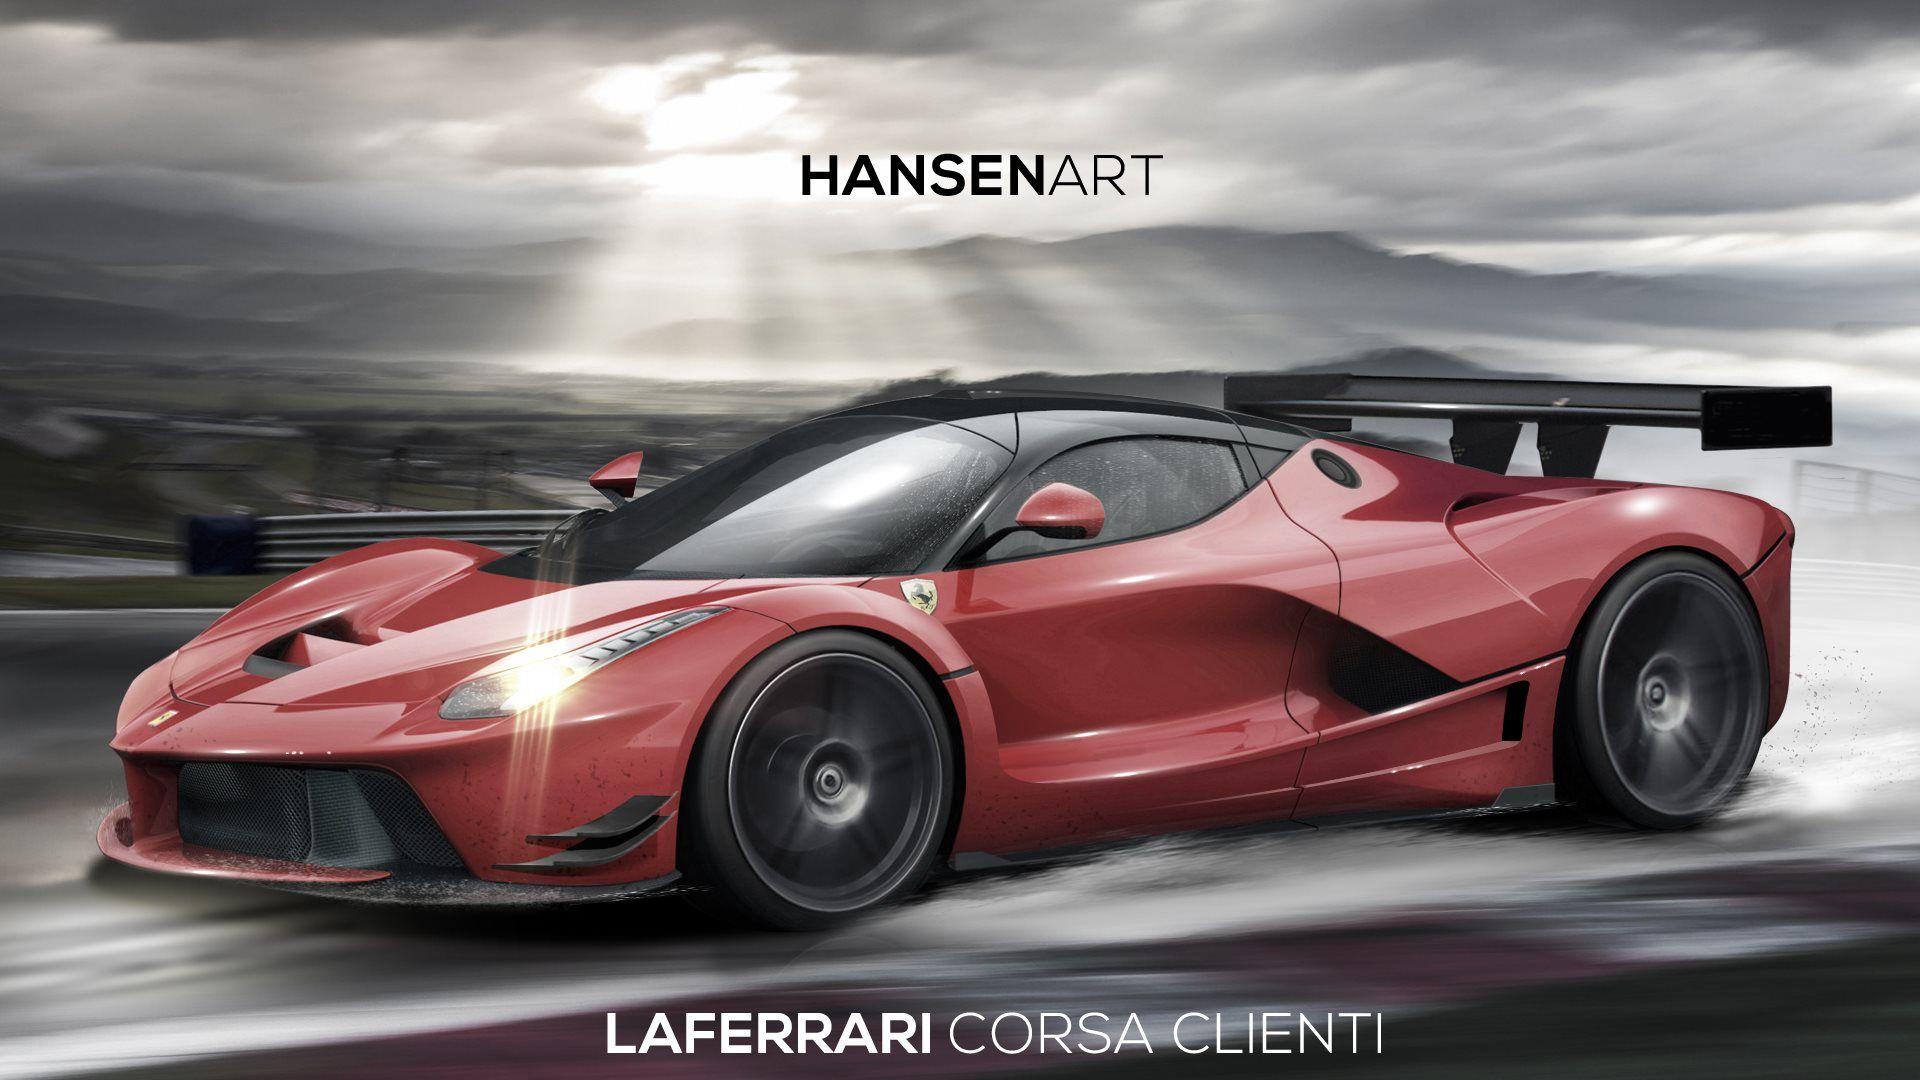 Laferrari Wallpaper For Android Gnr Ferrari Laferrari Ferrari